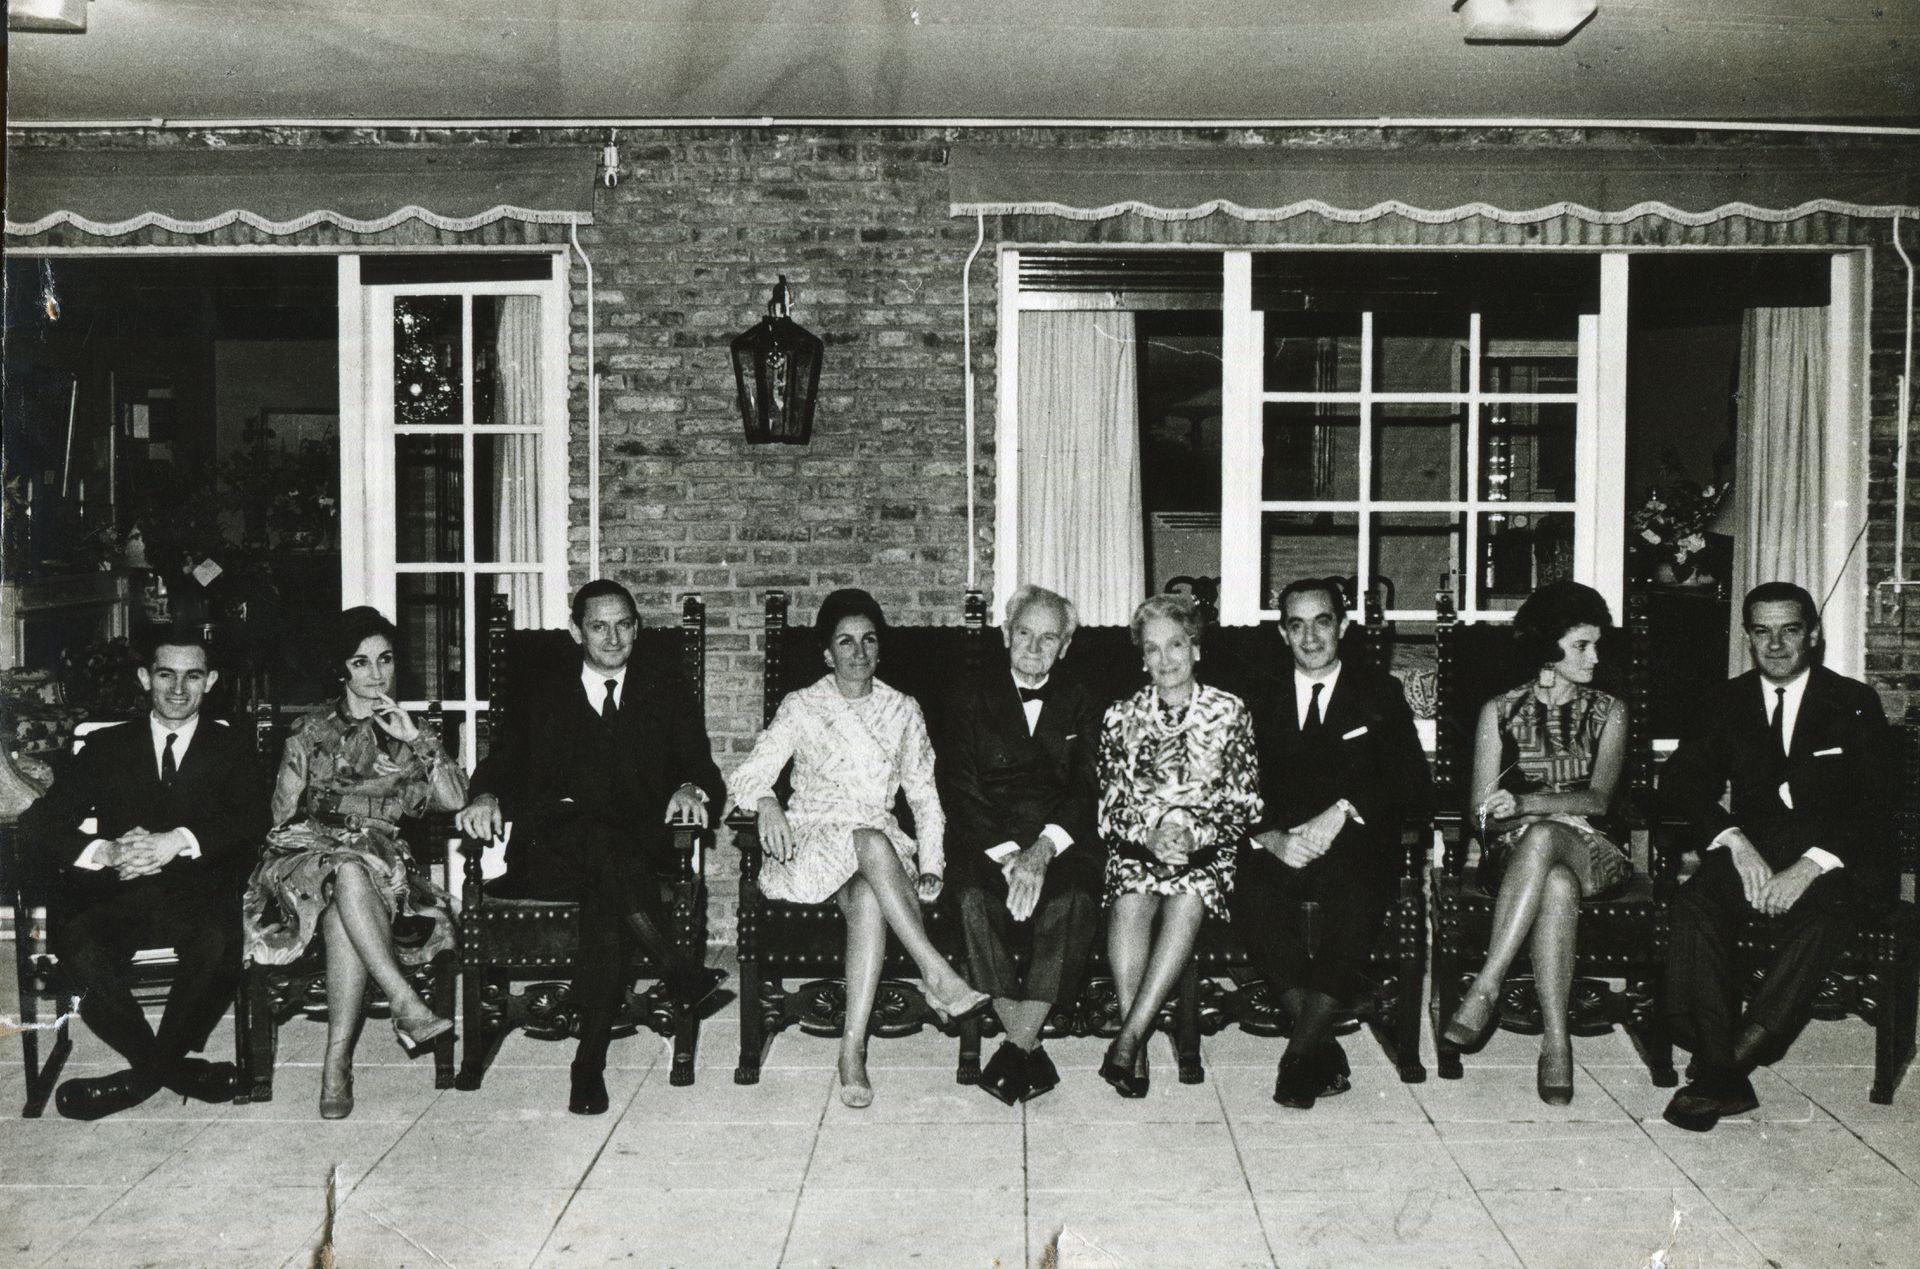 Adolfo Holmberg y Ernestina Lanusse, en el centro de la imagen, junto a sus siete hijos.